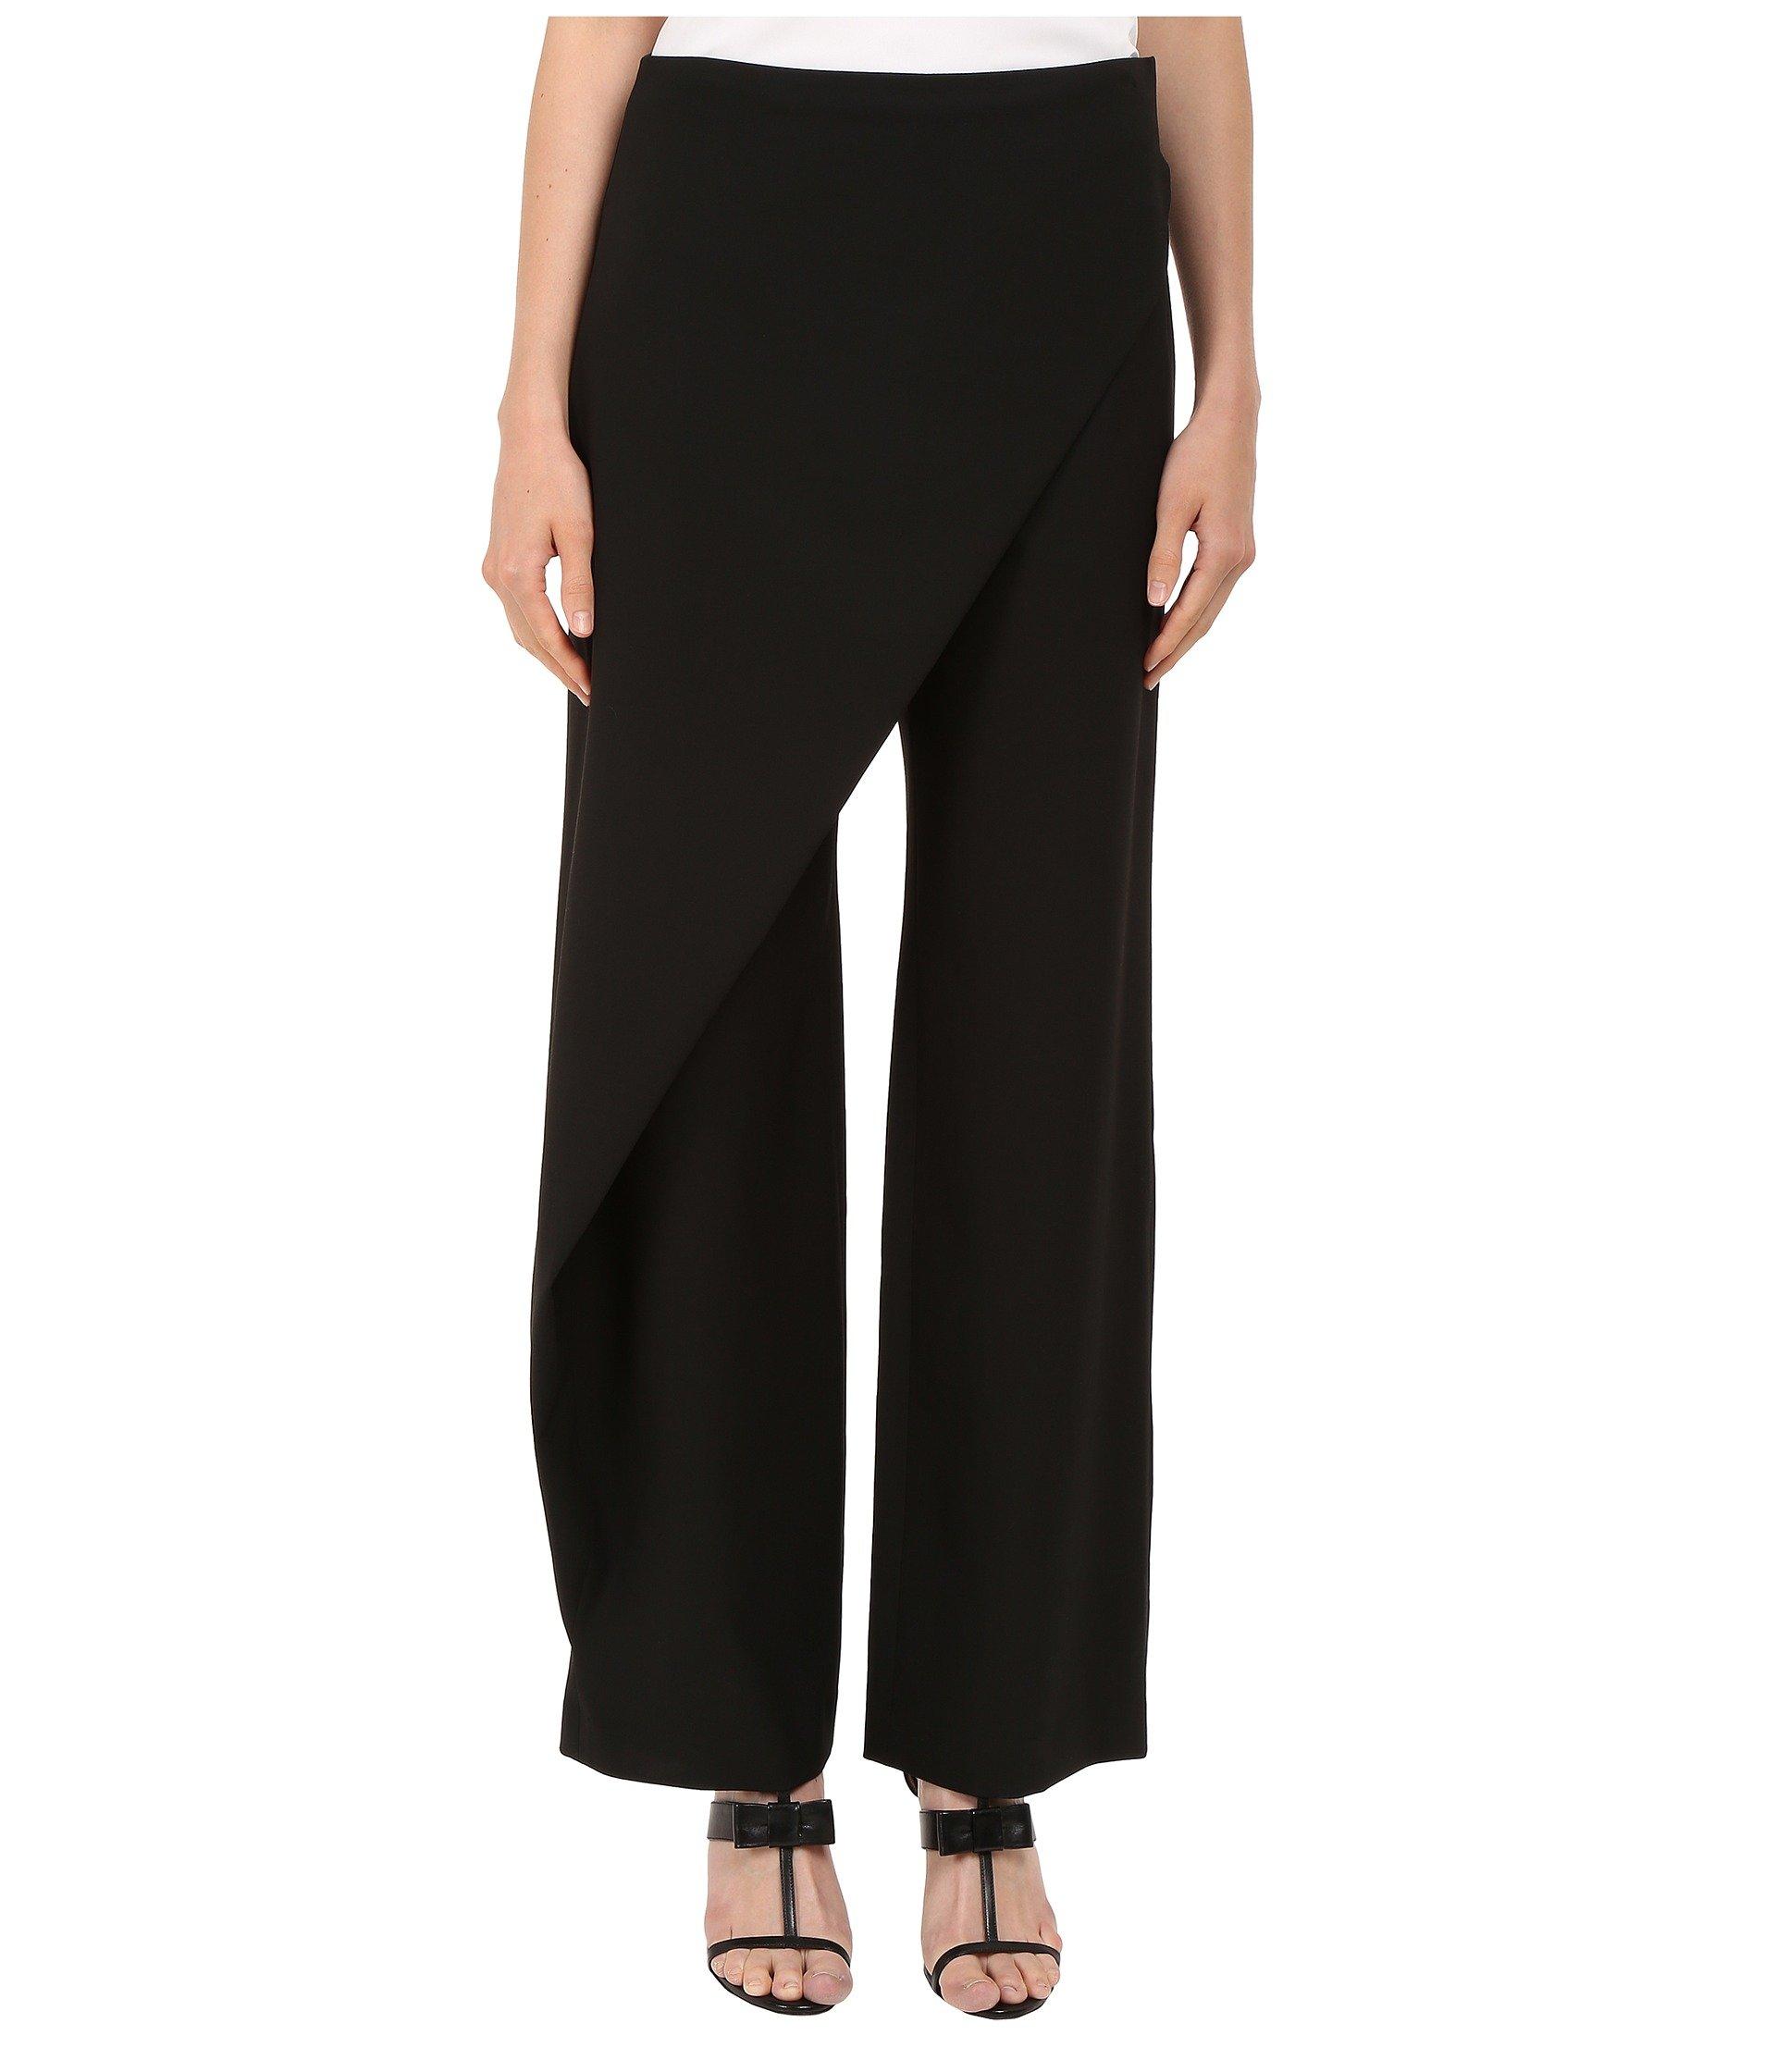 Pantalón para Mujer Zac Posen High Waist Wide Leg Trousers  + Zac Posen en VeoyCompro.net